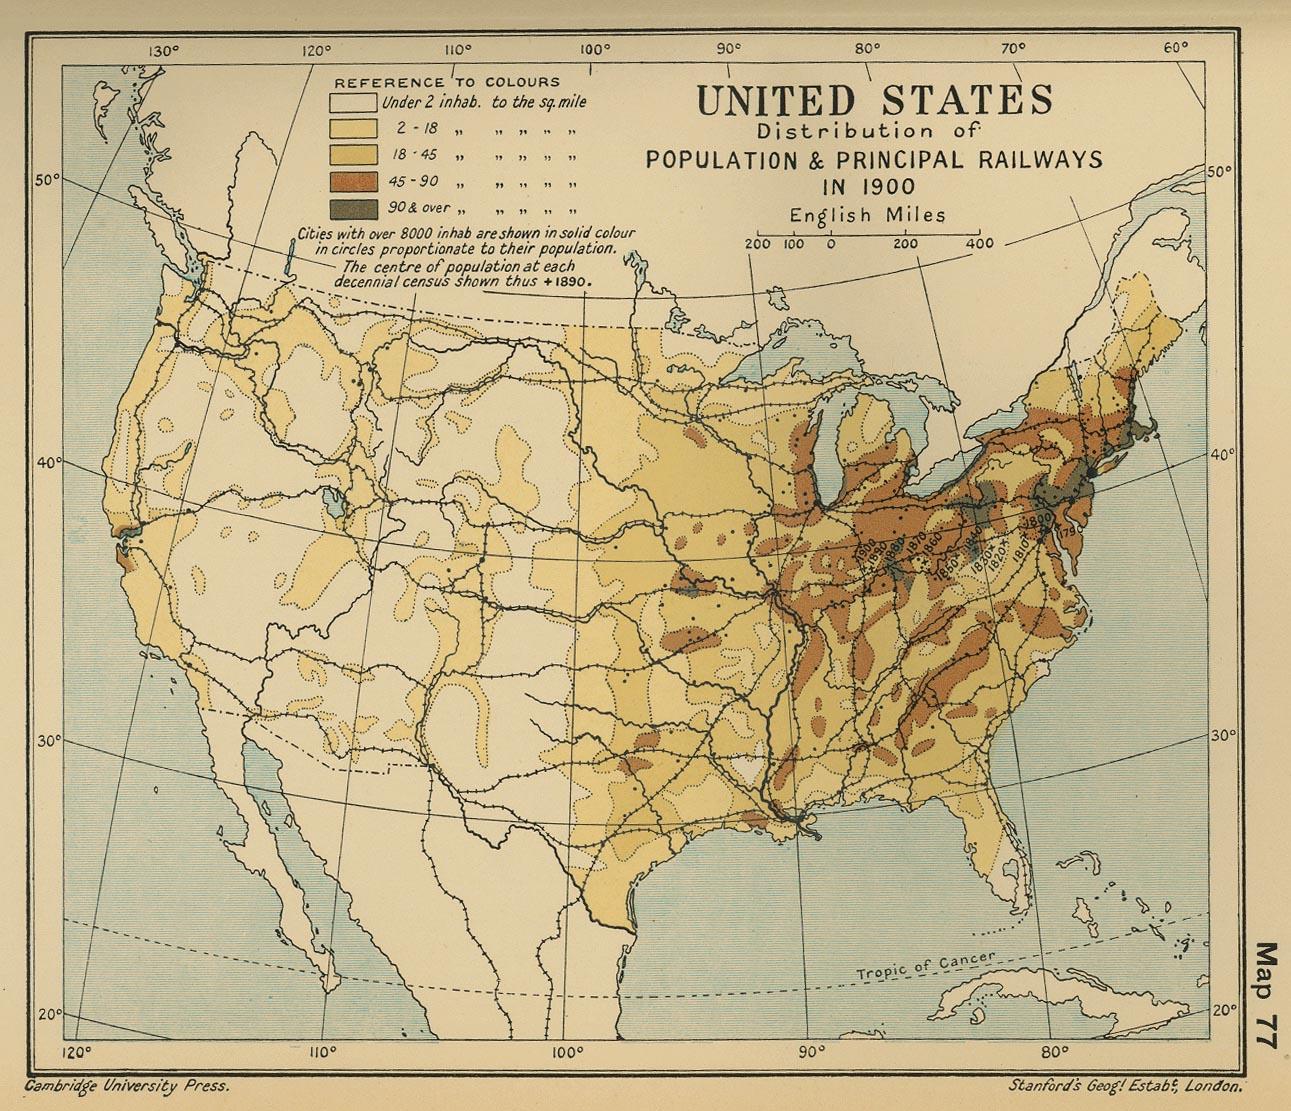 Distribución de la Población y Principales Ferrocarriles en Estados Unidos 1900